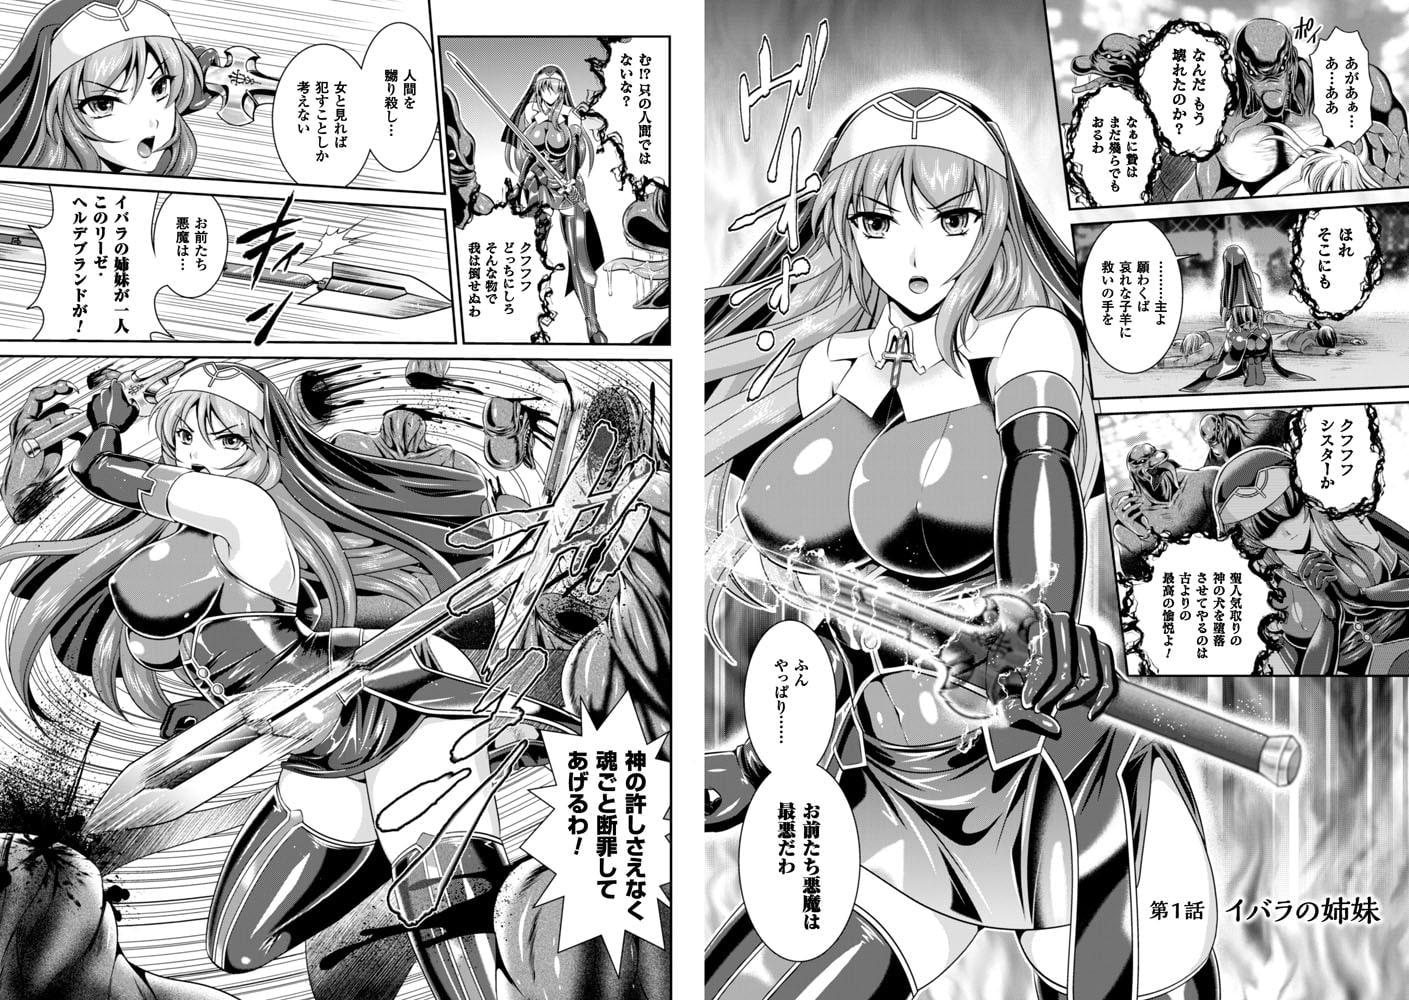 【触手】楠木りん先生2冊パック(202010)